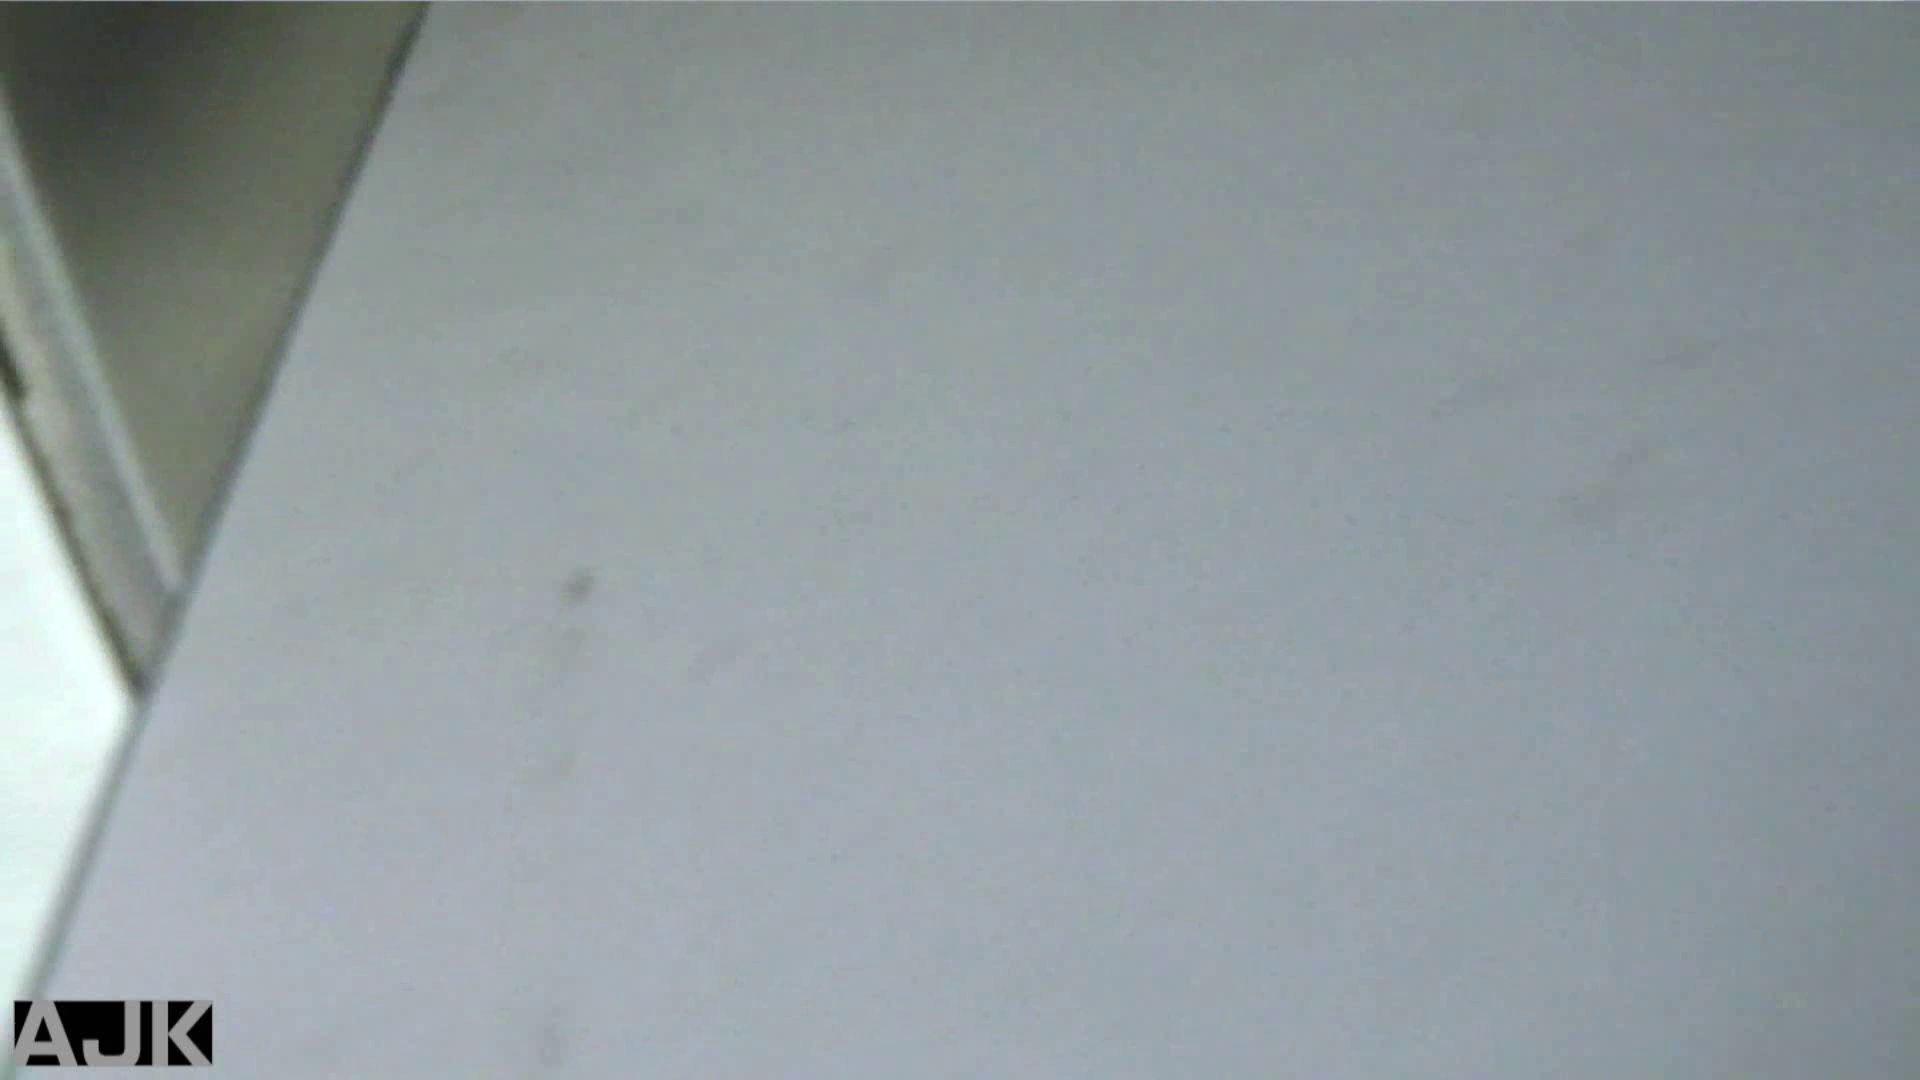 神降臨!史上最強の潜入かわや! vol.03 マンコ・ムレムレ | 潜入突撃  95pic 71